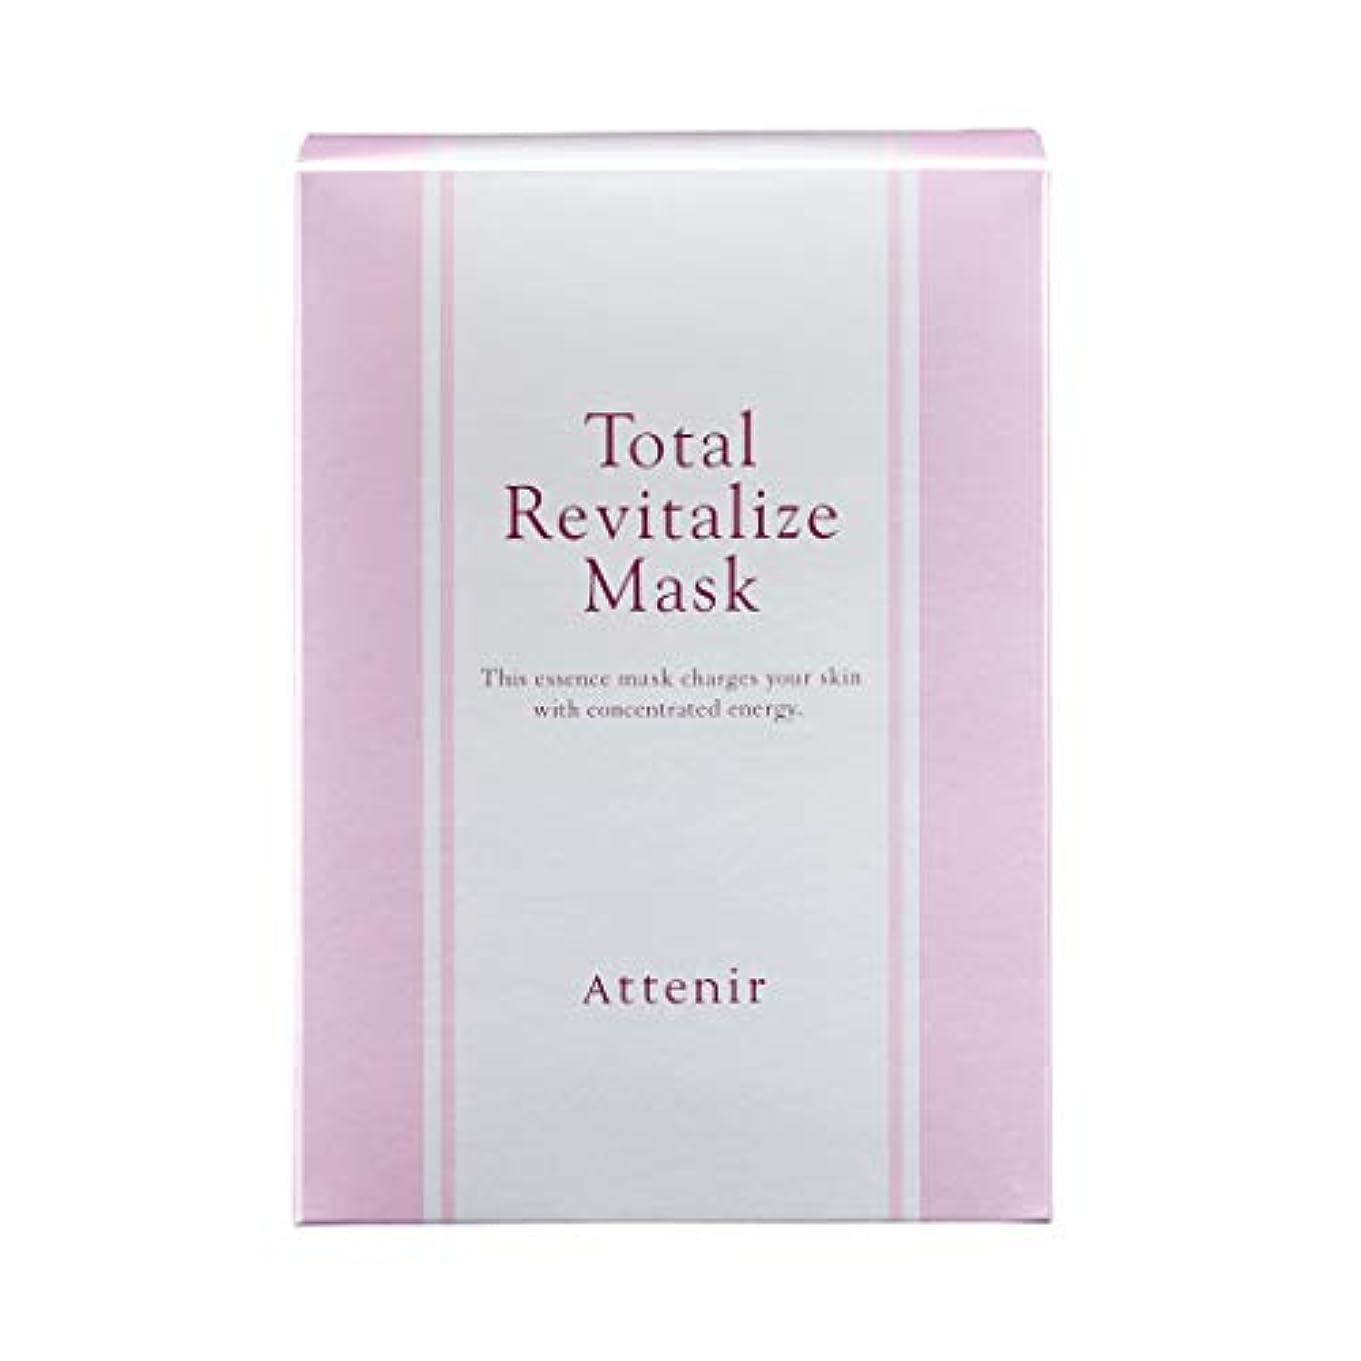 蓮コール機械アテニア トータルリヴァイタライズ マスク肌疲労ケアシートマスク 全顔用 6包入り フェイスパック